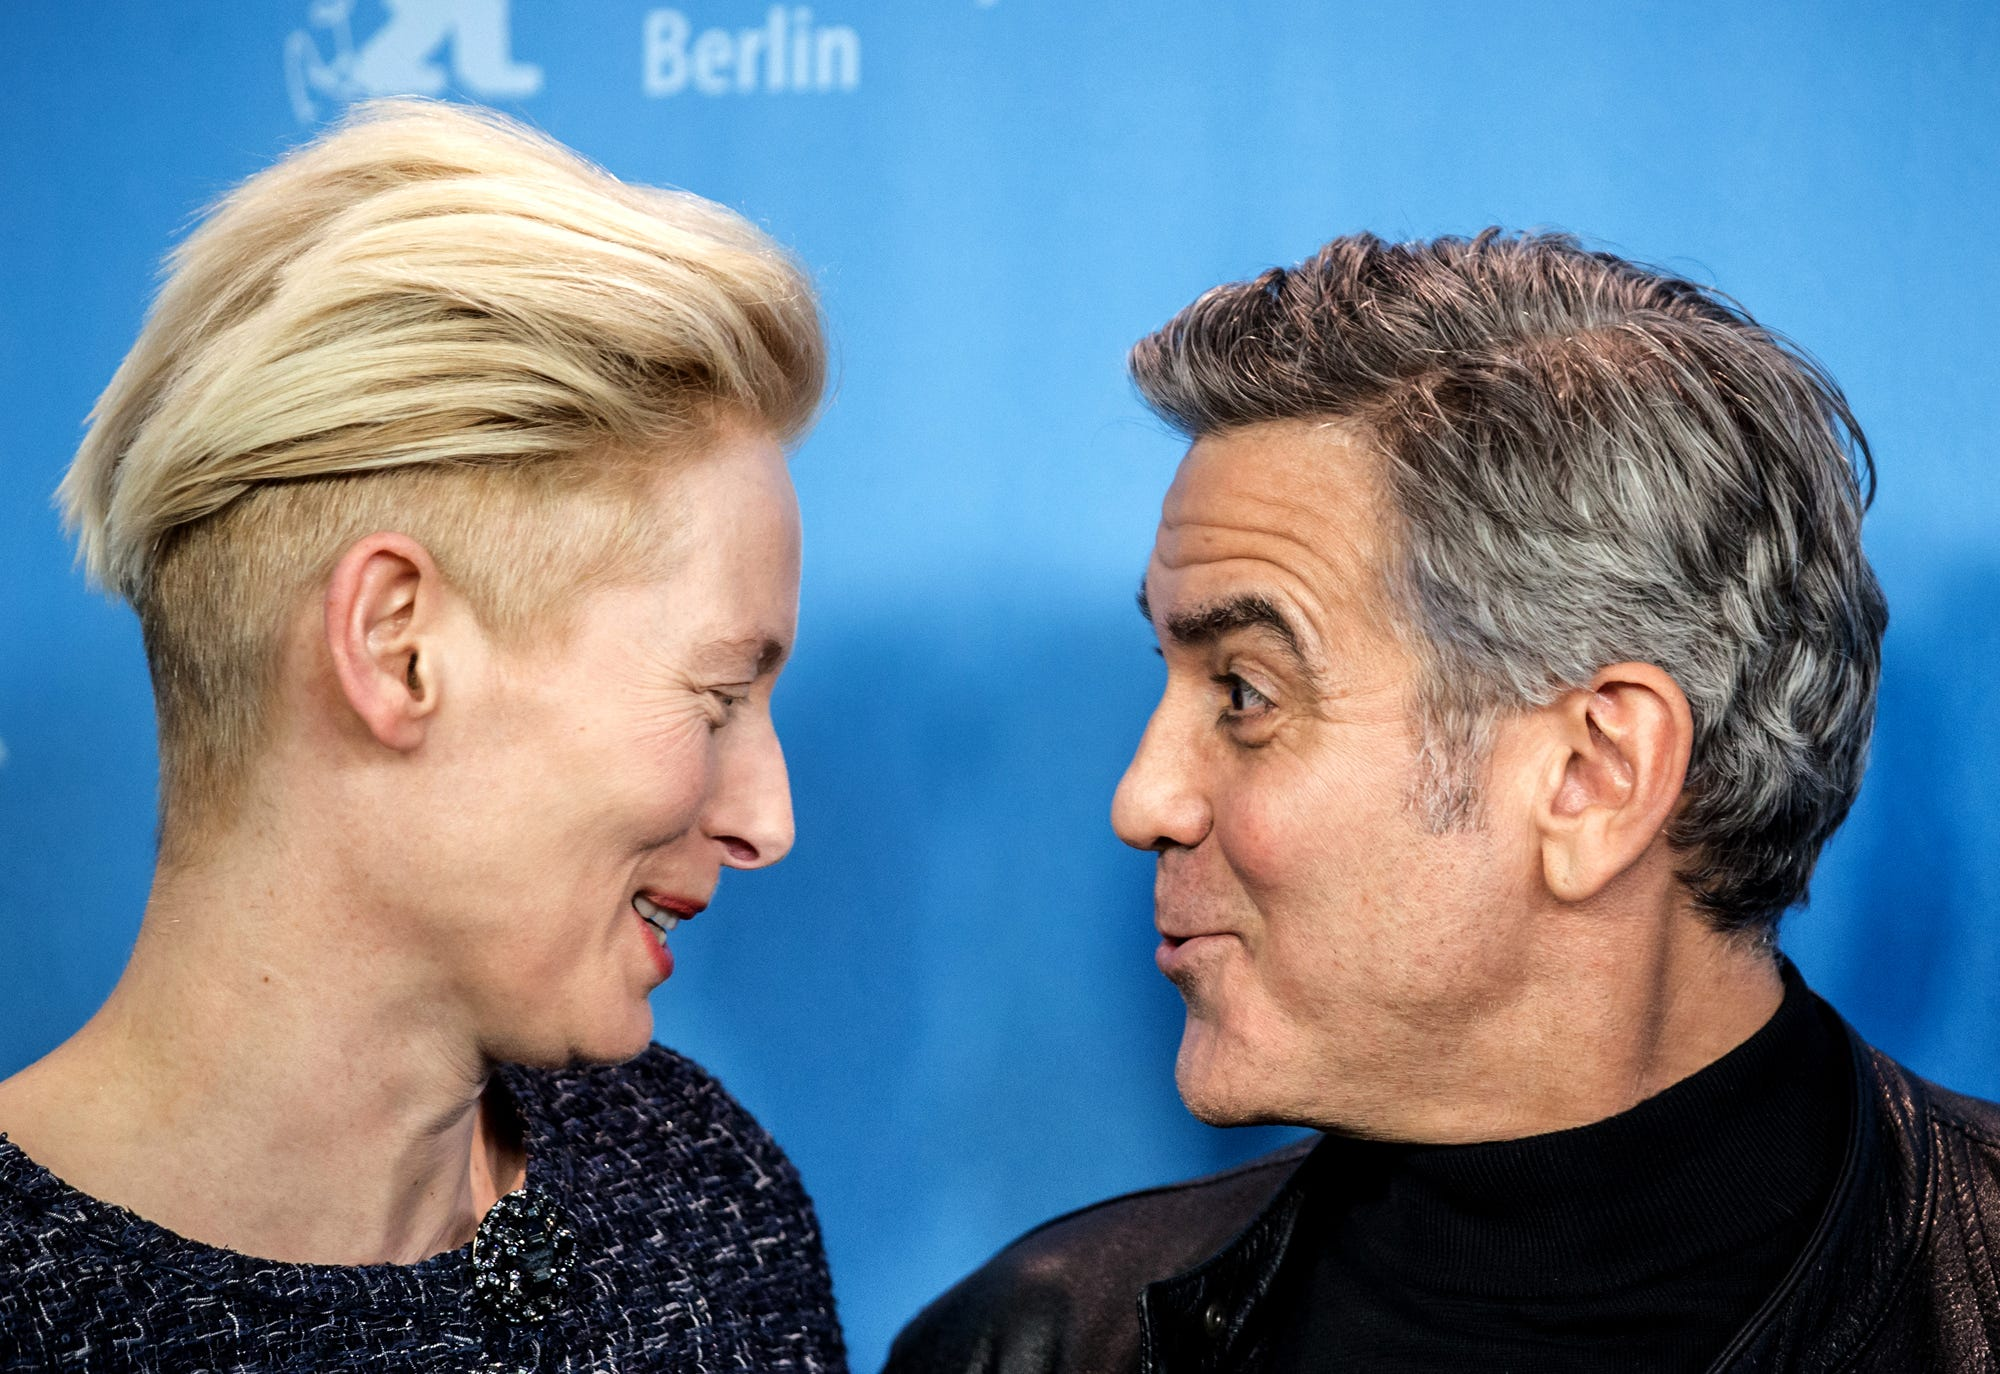 http://www.gannett-cdn.com/media/2016/02/11/INGroup/LafayetteIN/635908083032064926-Germany-Berlin-Film-Festival-jterhune-gannett.com-23.jpg